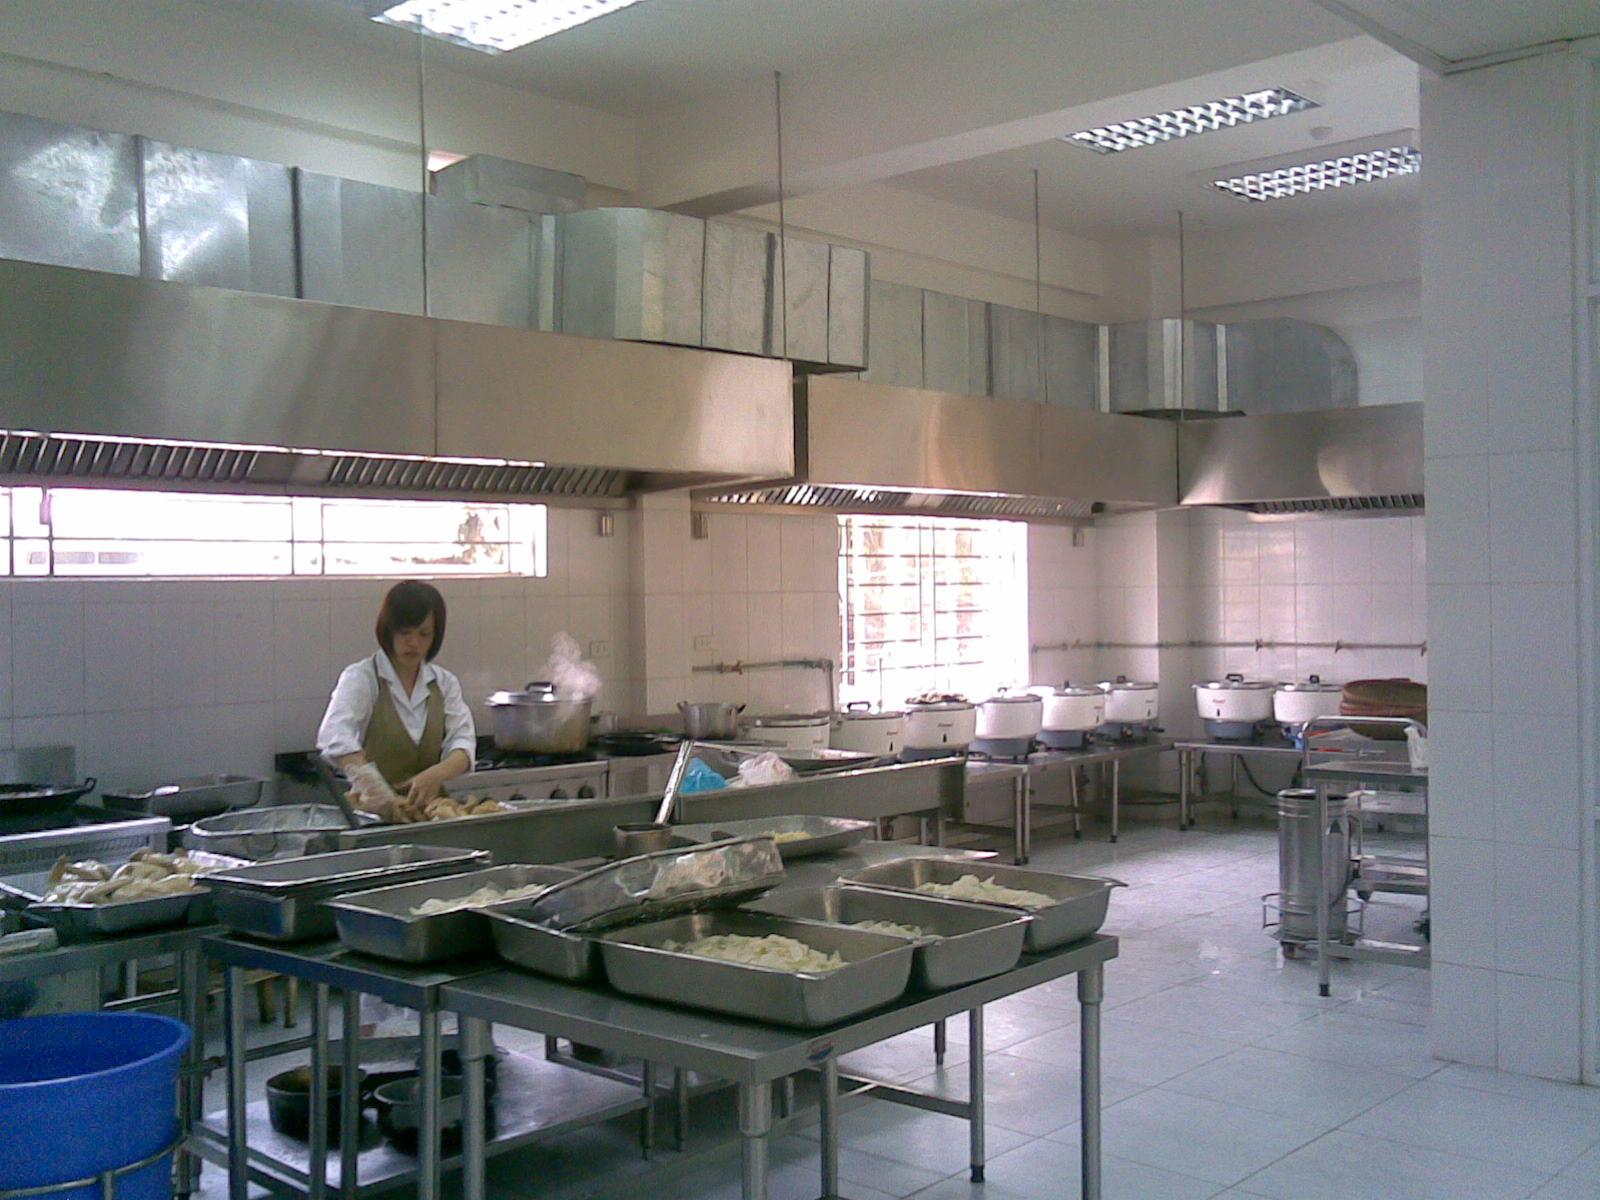 Hệ thống bếp công nghiệp 3, thiết bị bếp công nghiệp 3